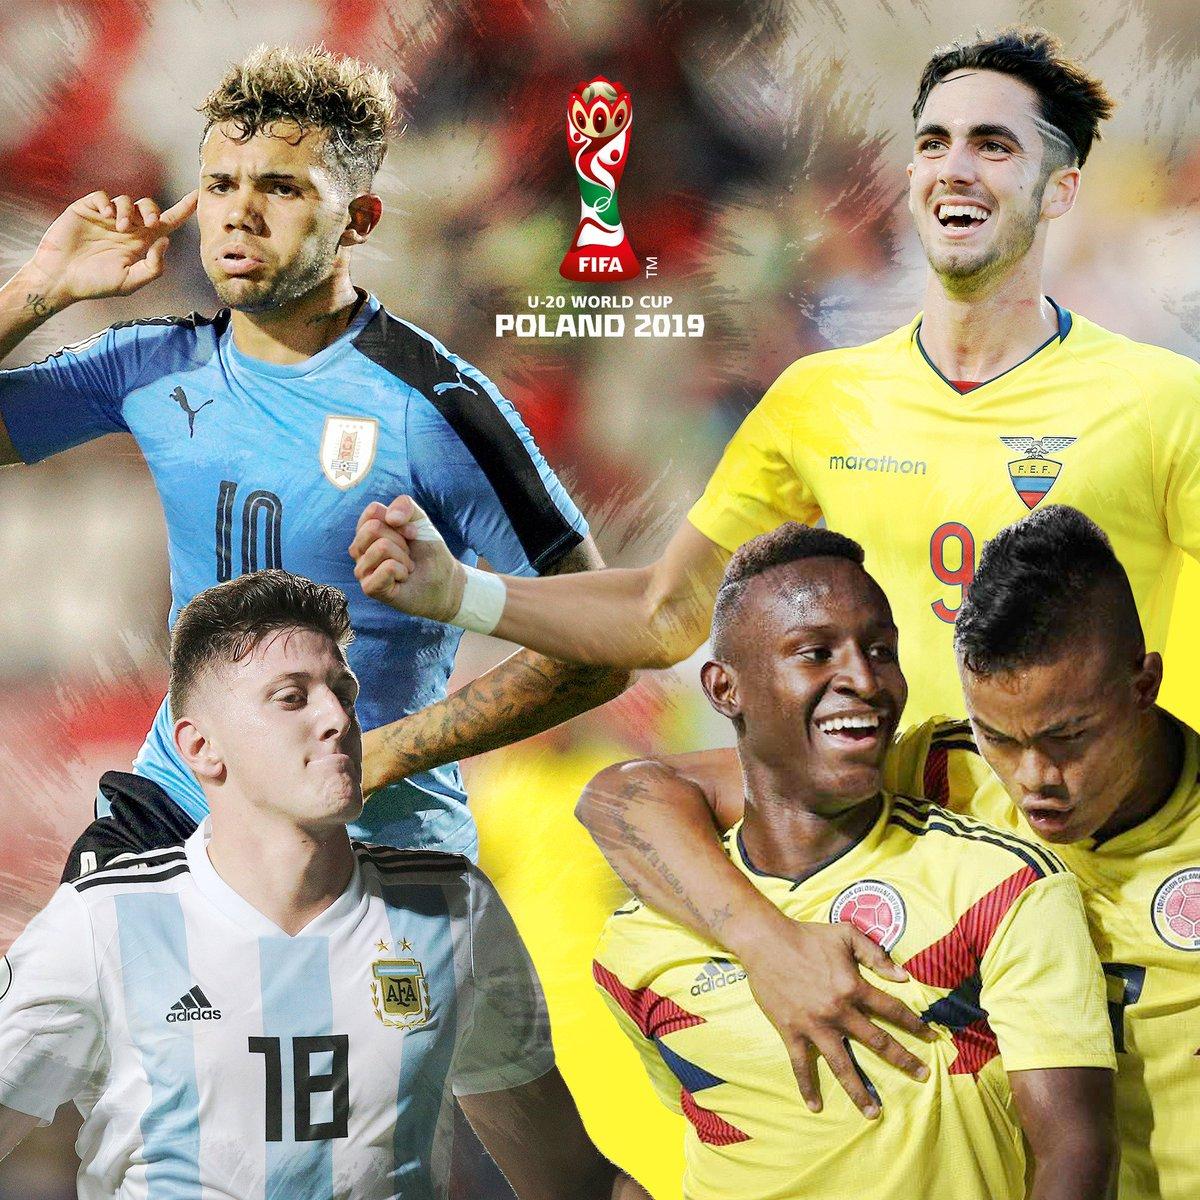 Las nuevas estrellas sudamericanas disputan el #U20WC en busca de la consagración ¡Apóyalos!   🇪🇨🇦🇷🇺🇾🇨🇴